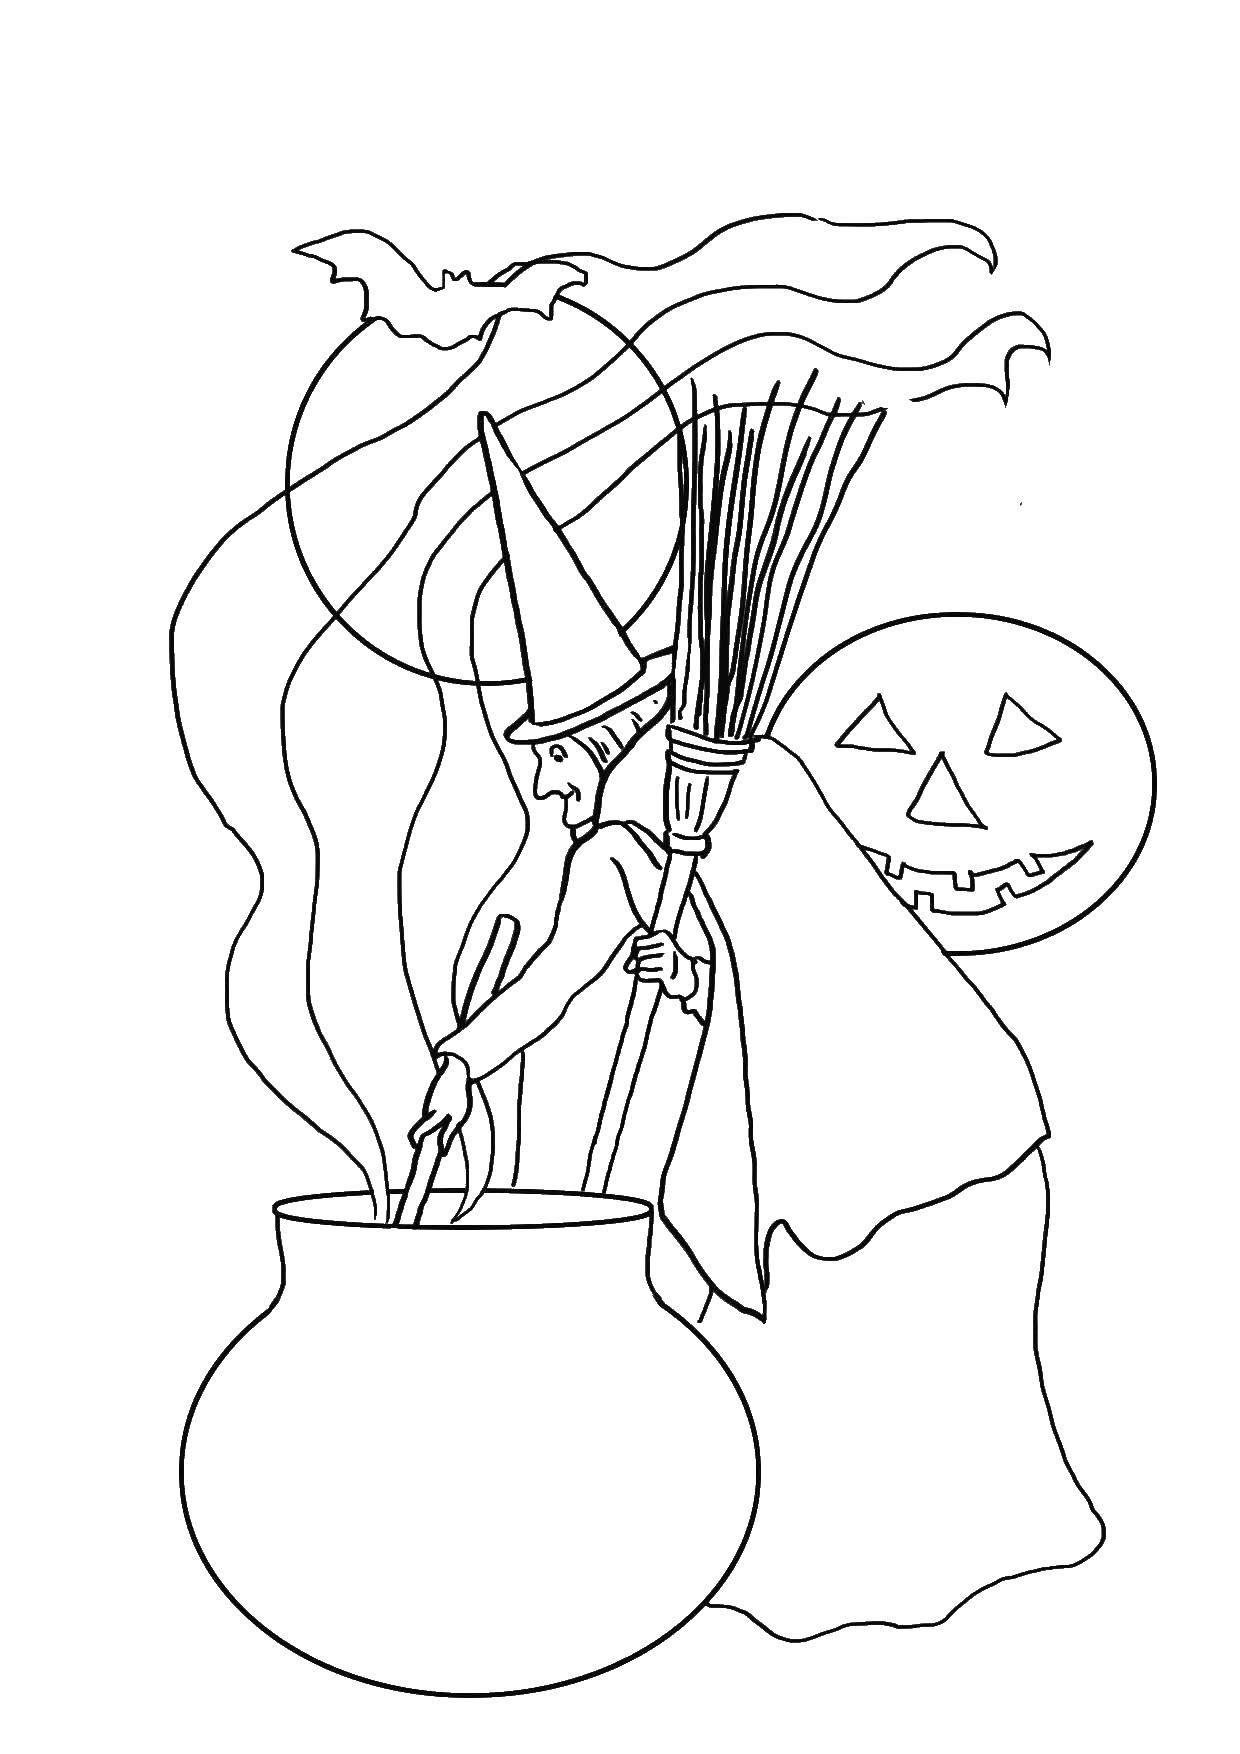 Раскраска Ведьма и котел. Скачать старуха, ведьма, метла, котел.  Распечатать ,ведьма,